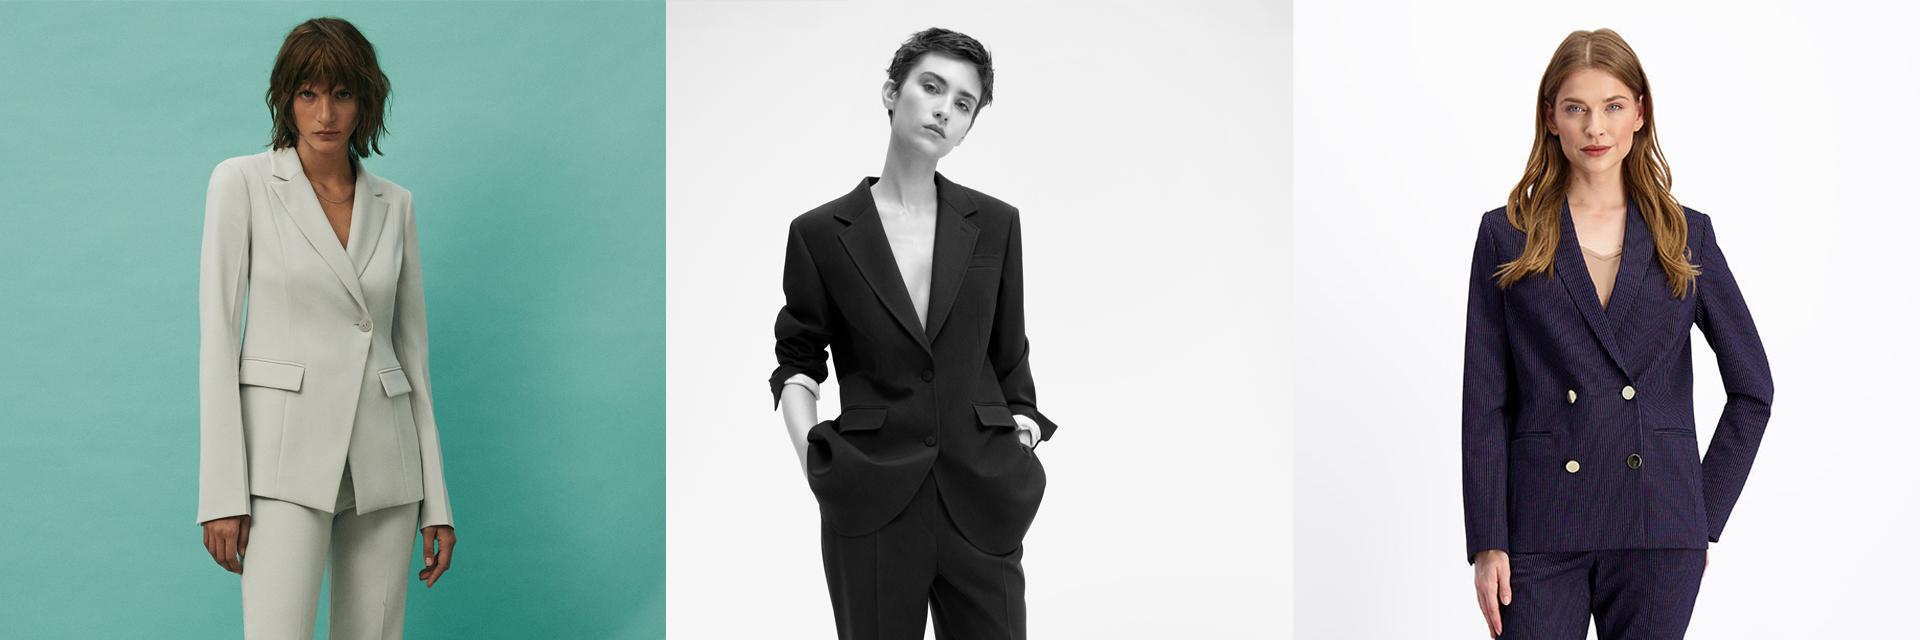 moda w biznesie